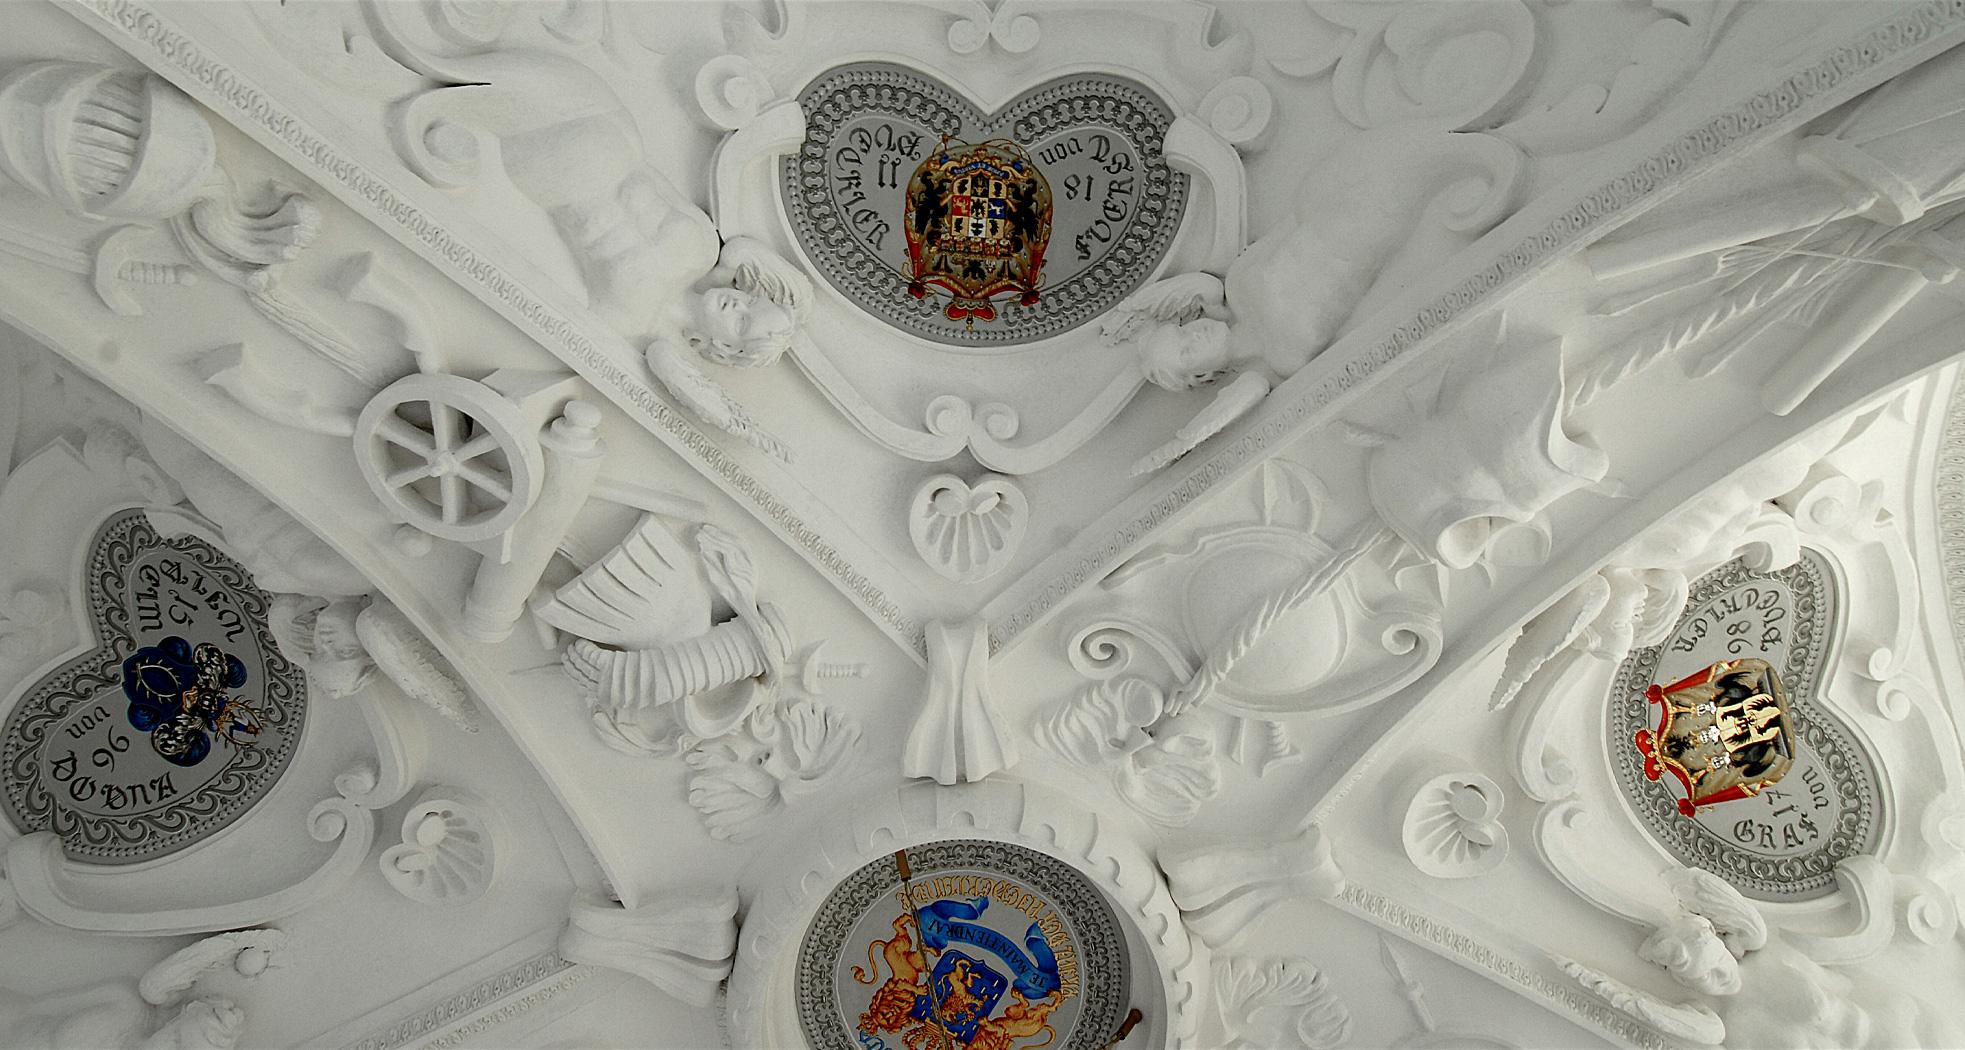 Gewölbebereich im Schlusszustand – Wappen waren nicht Teil der Leistung - Neues Schloss Bad Muskau